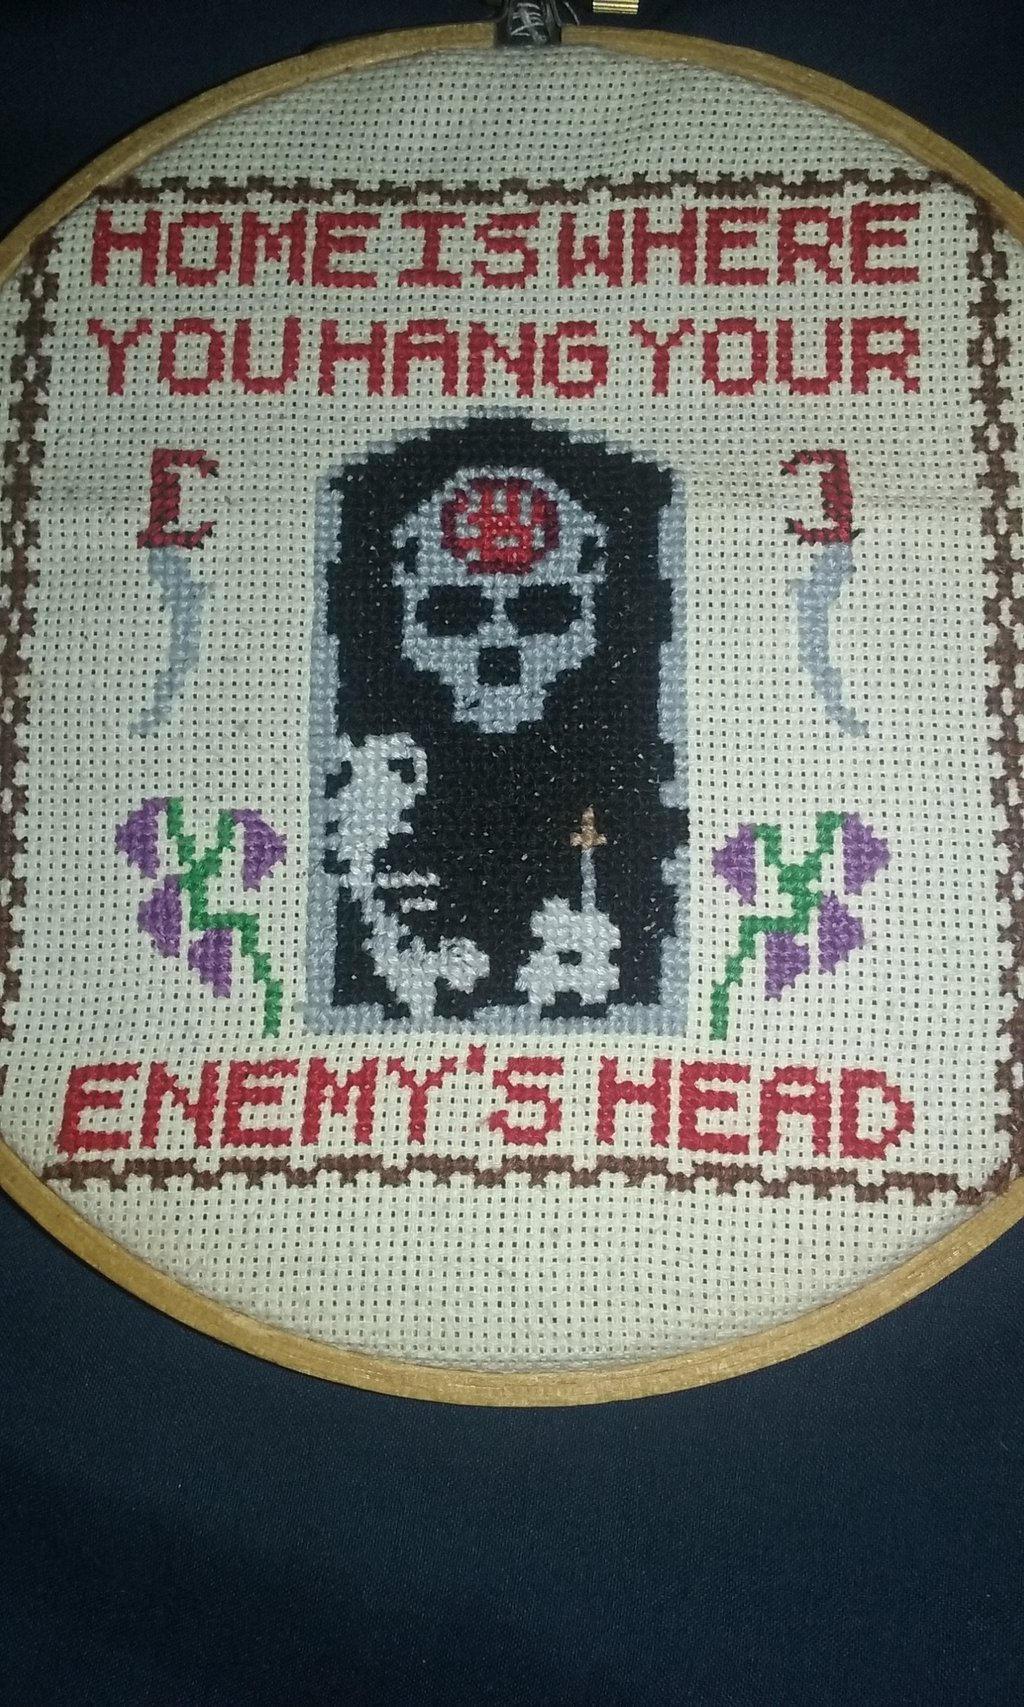 Yay Cross-stitching~